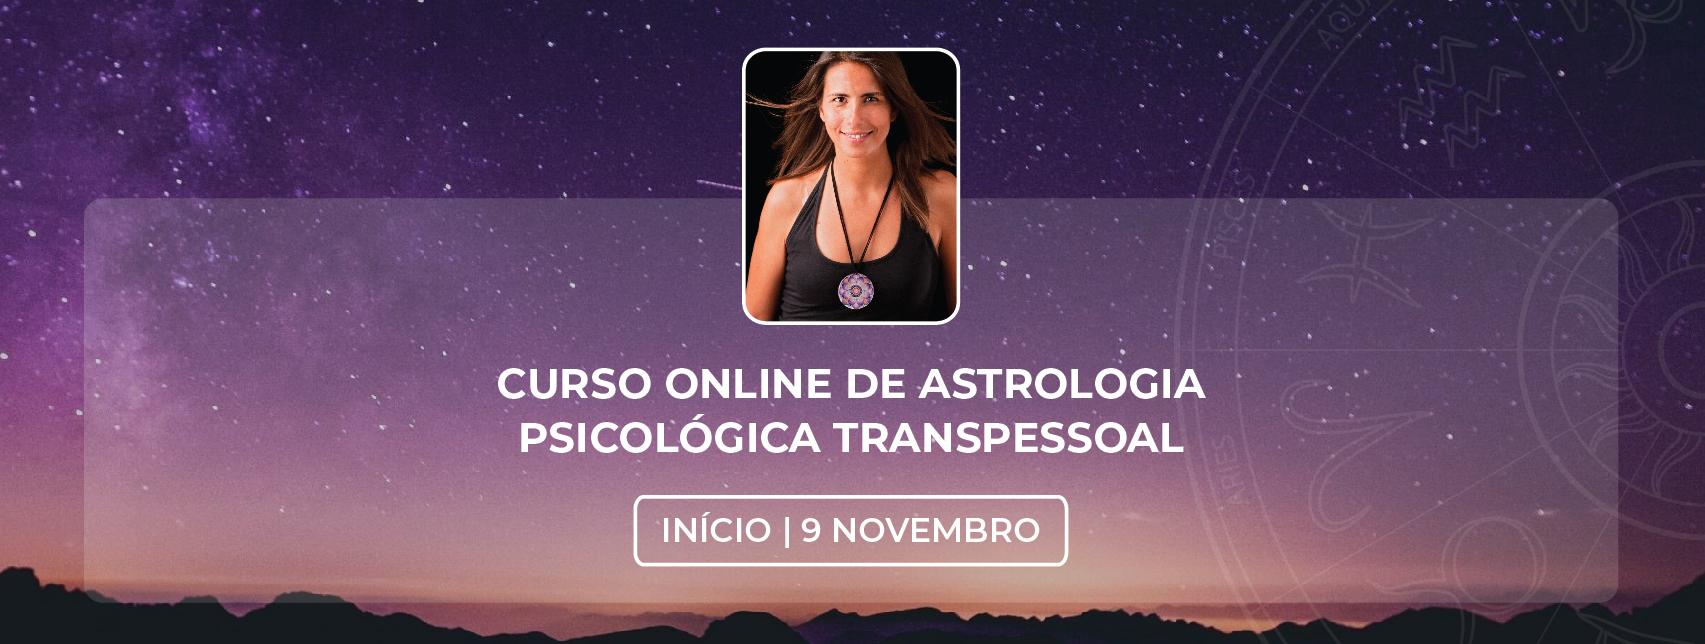 Novo Curso de Astrologia Online – nível iniciado